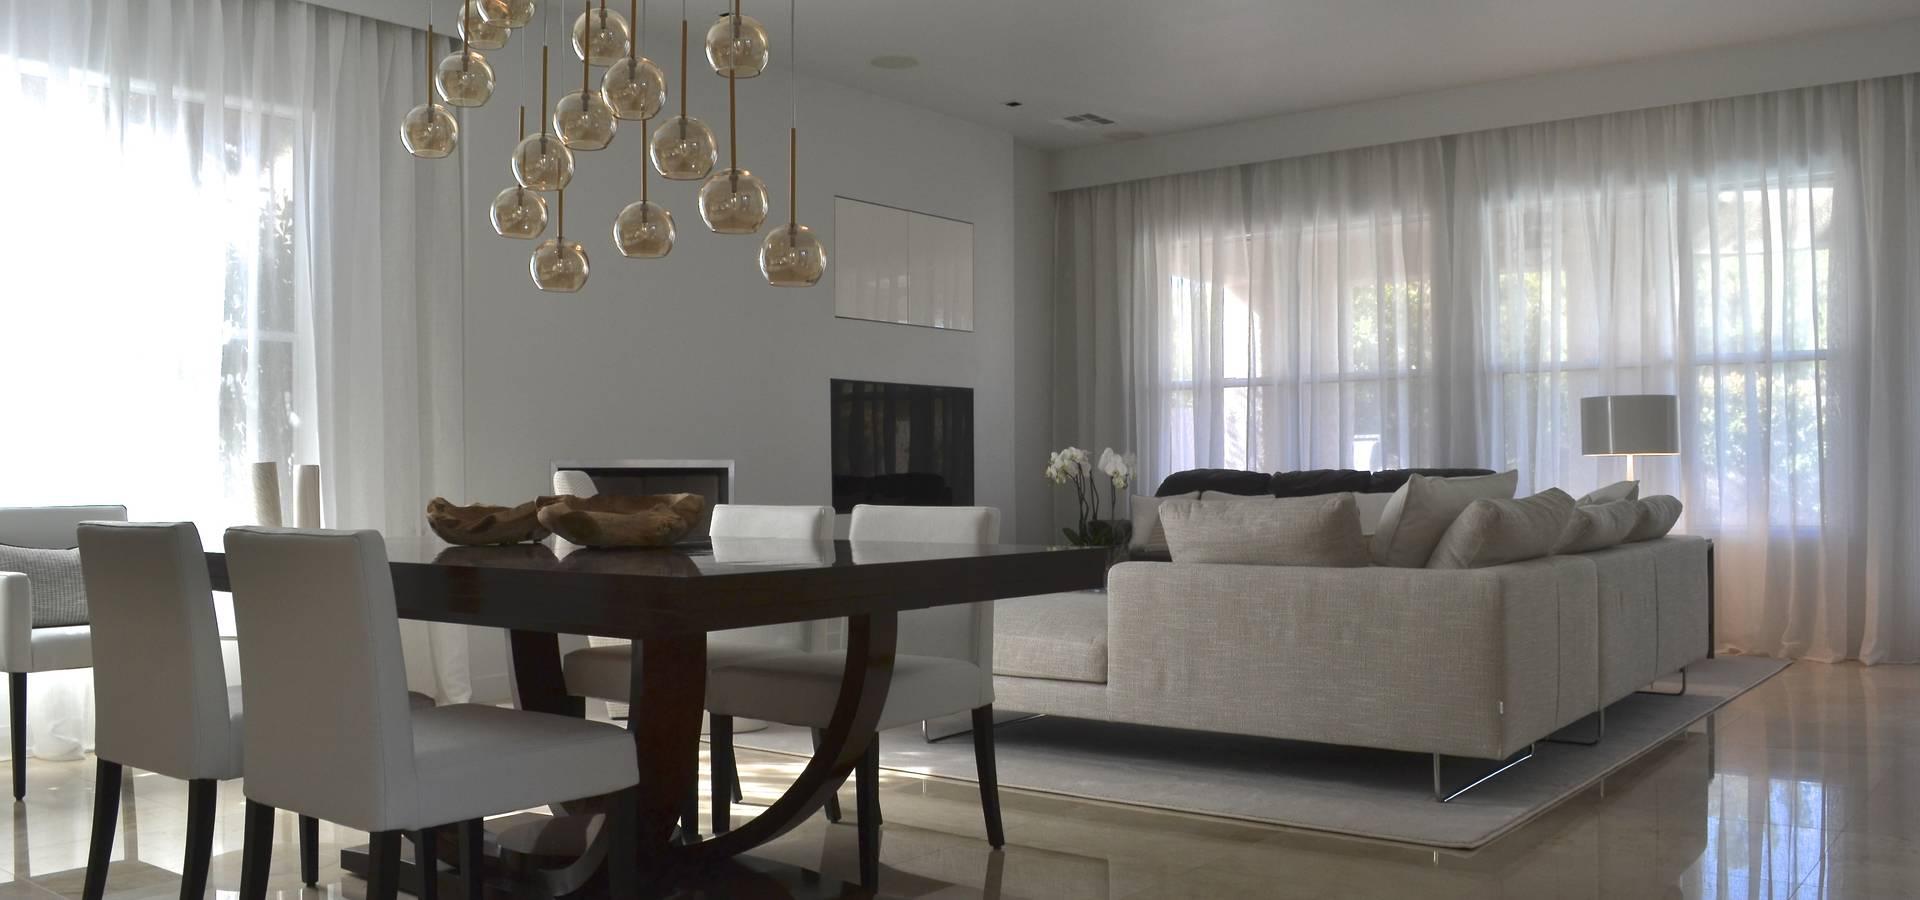 Interni 44 di silvia camerotto arquitectos de interiores - Interni arquitectos ...